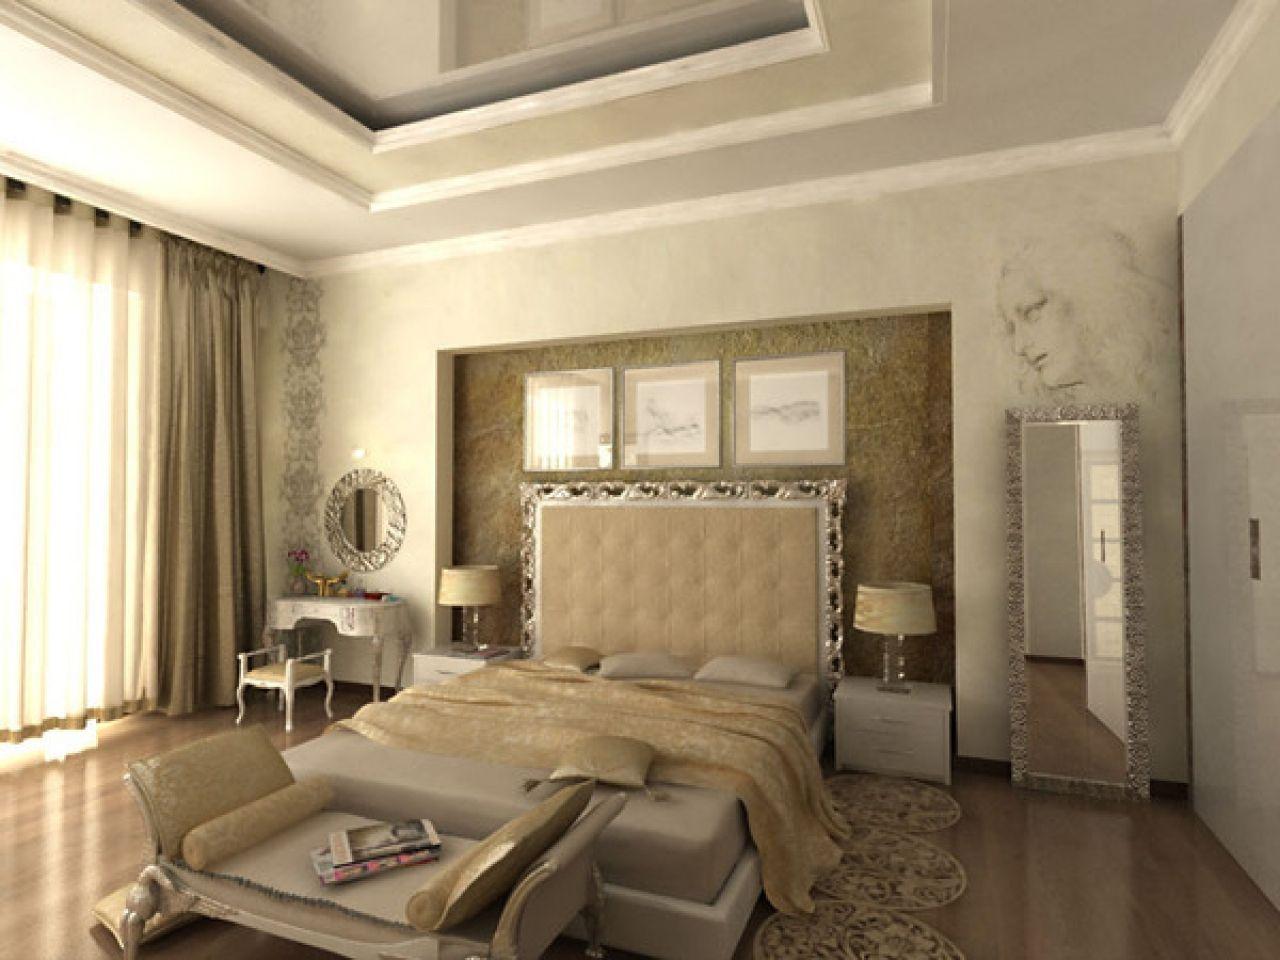 11 Complex Classic Bedroom Ideas Idea On Budget You Can Afford In 2020 Classic Bedroom Modern Classic Bedroom Bedroom Design